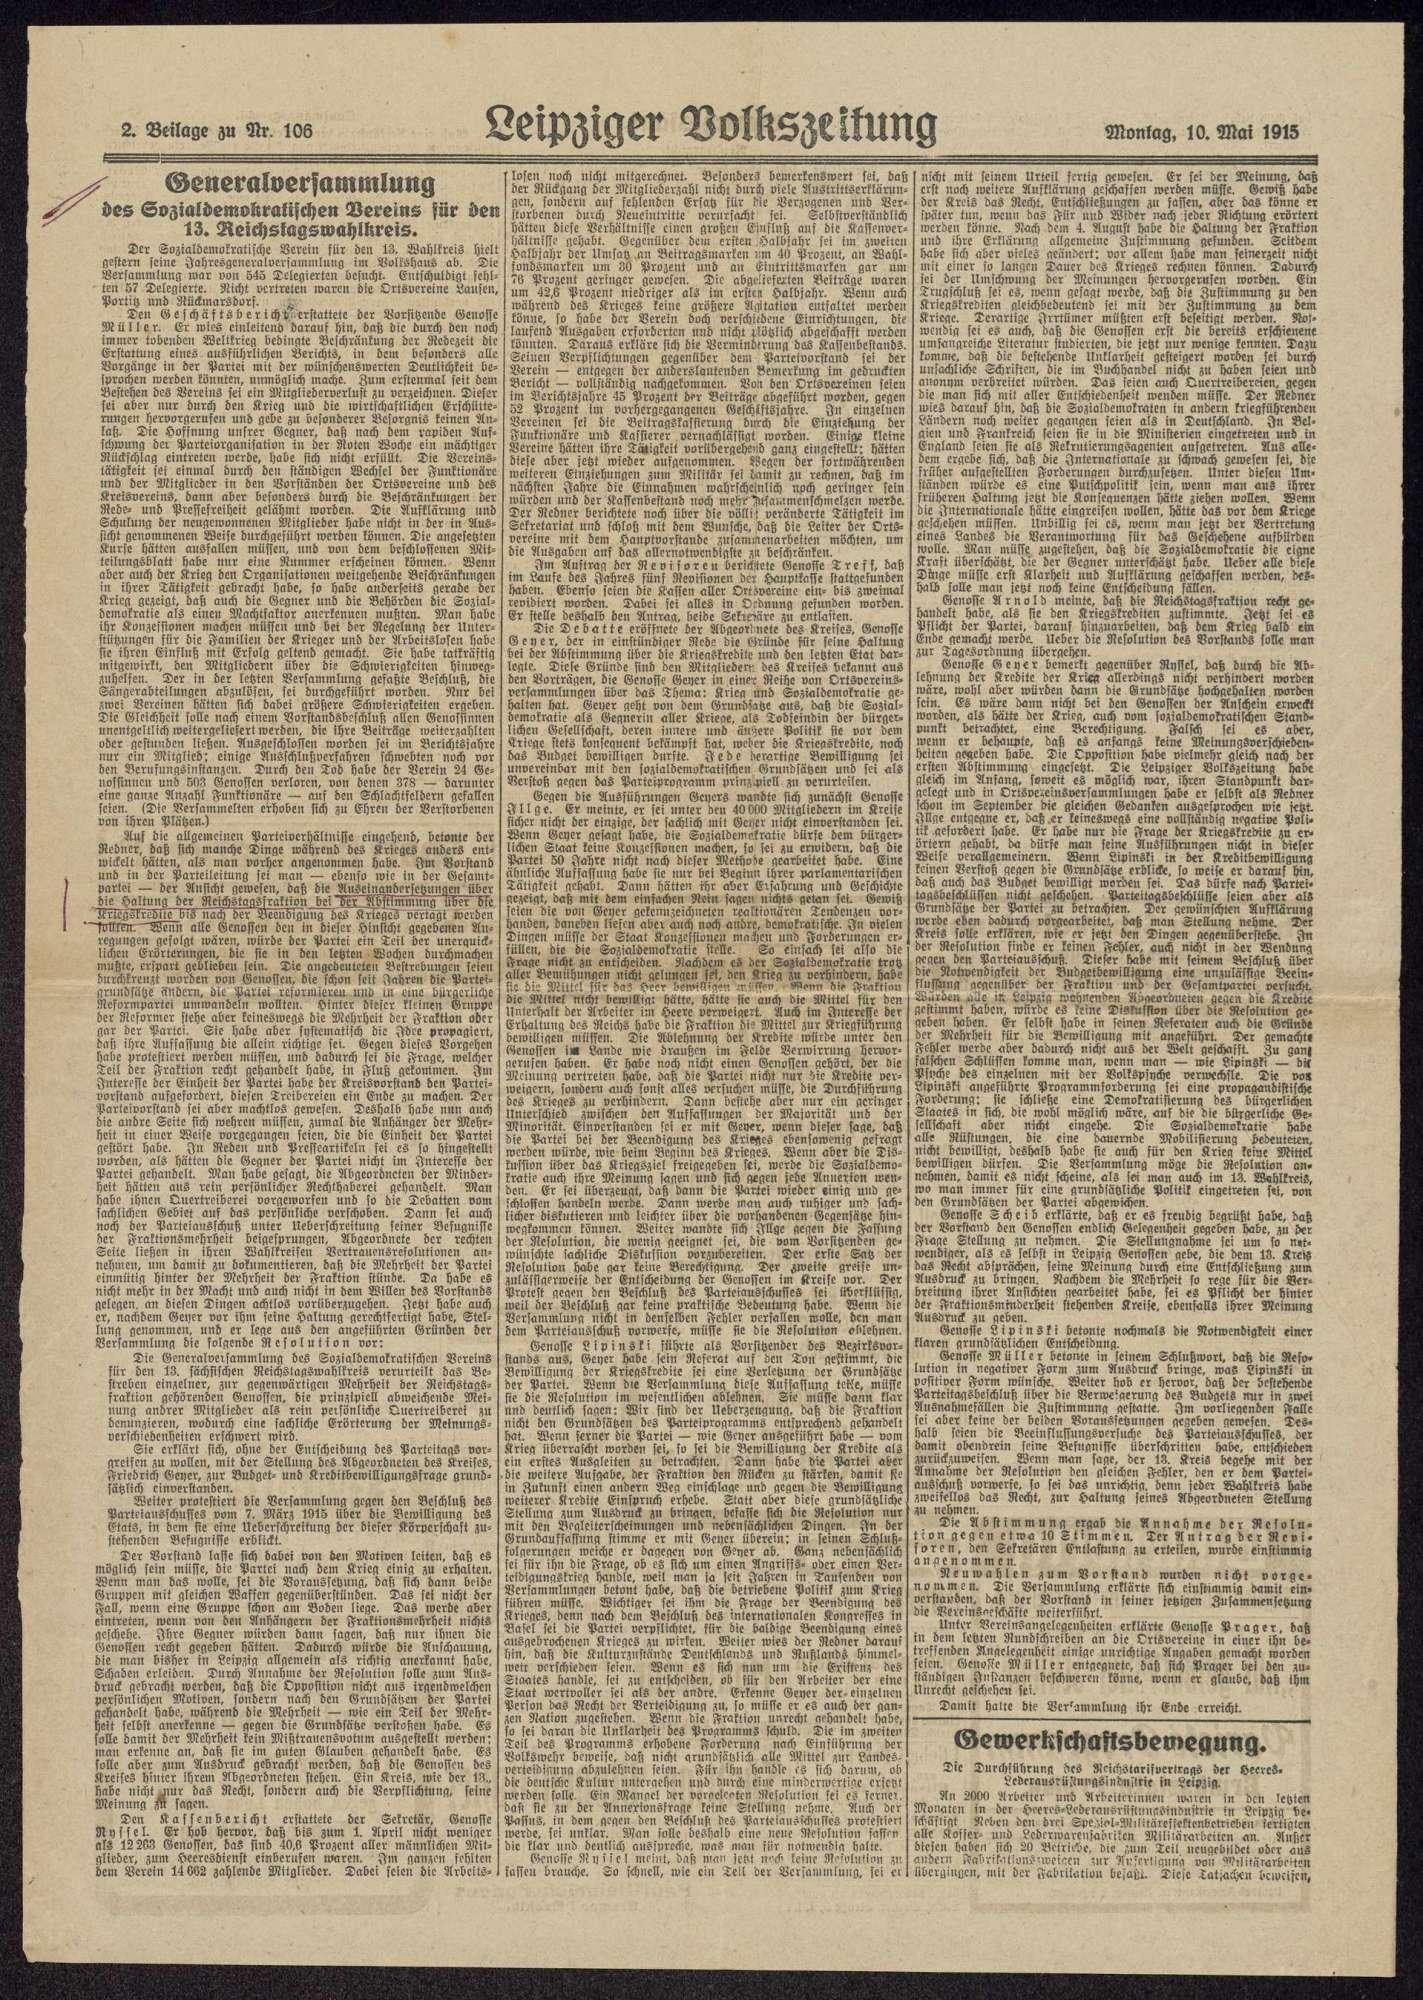 Haltung der Sozialdemokratie bei Kriegsanbruch und während des 1. Weltkriegs, Bild 2